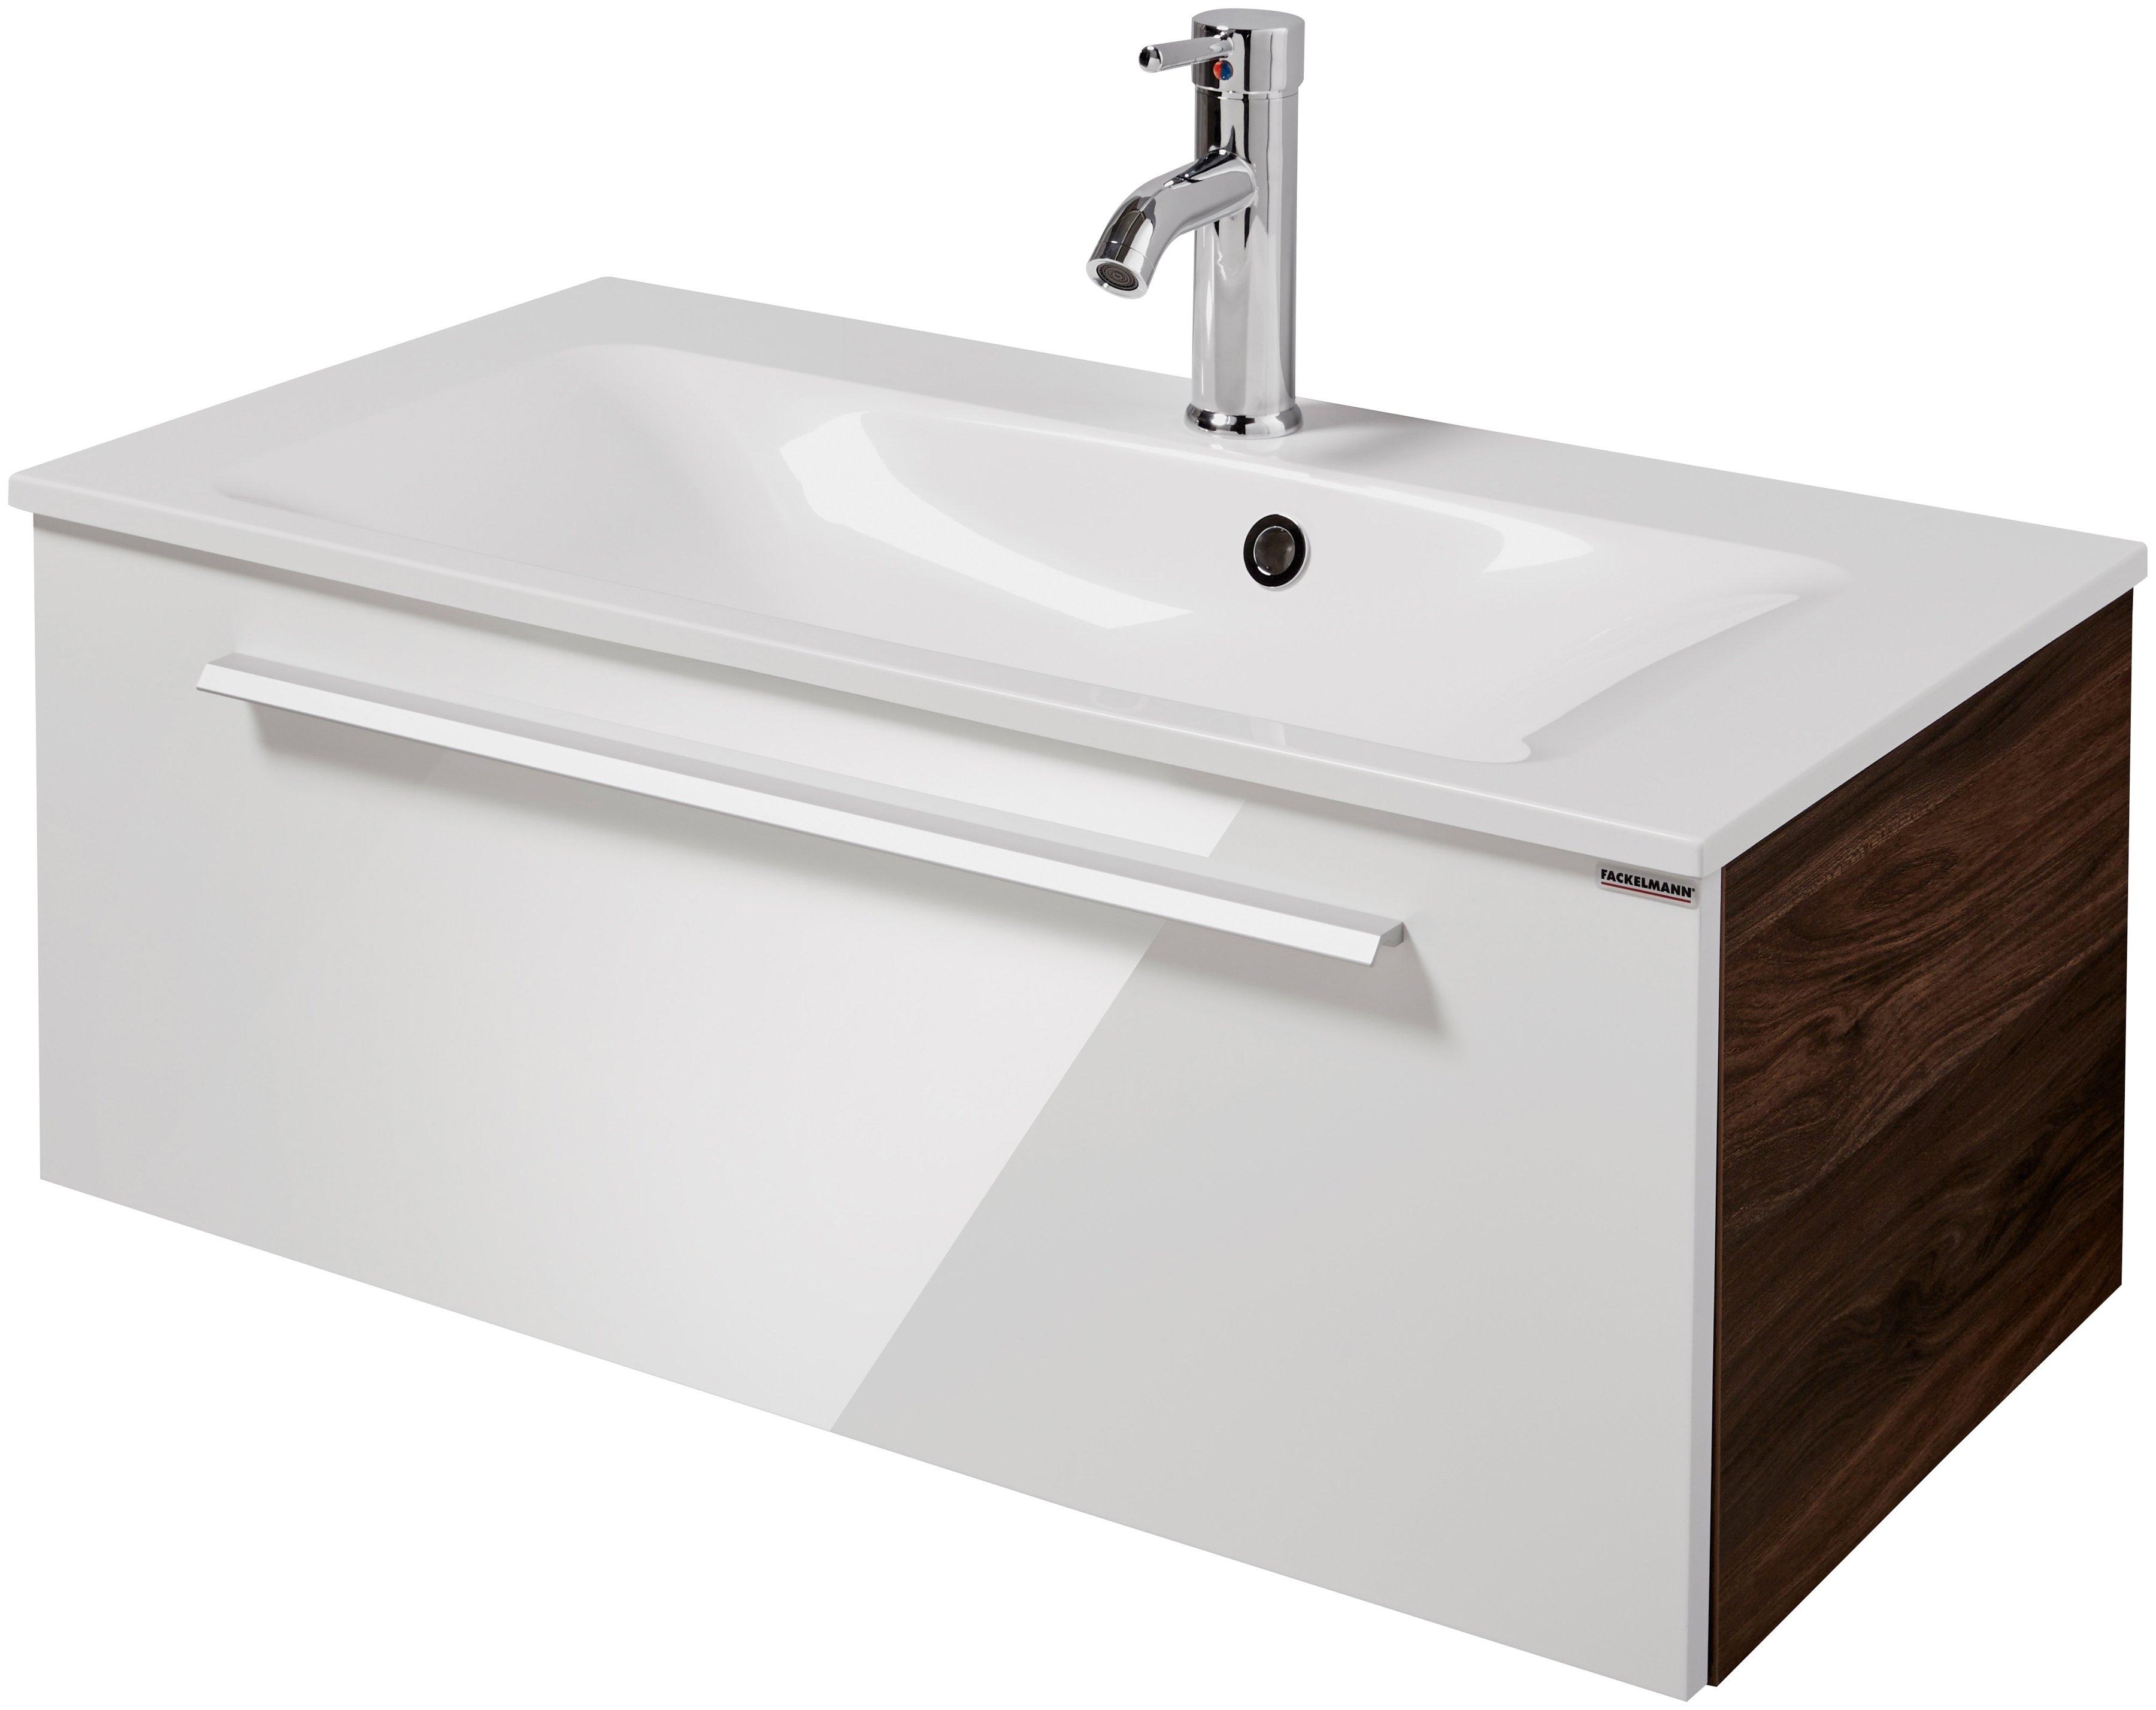 Mooi badkamerkastje voor onder wastafel badkamermeubels ontwerpen 2017